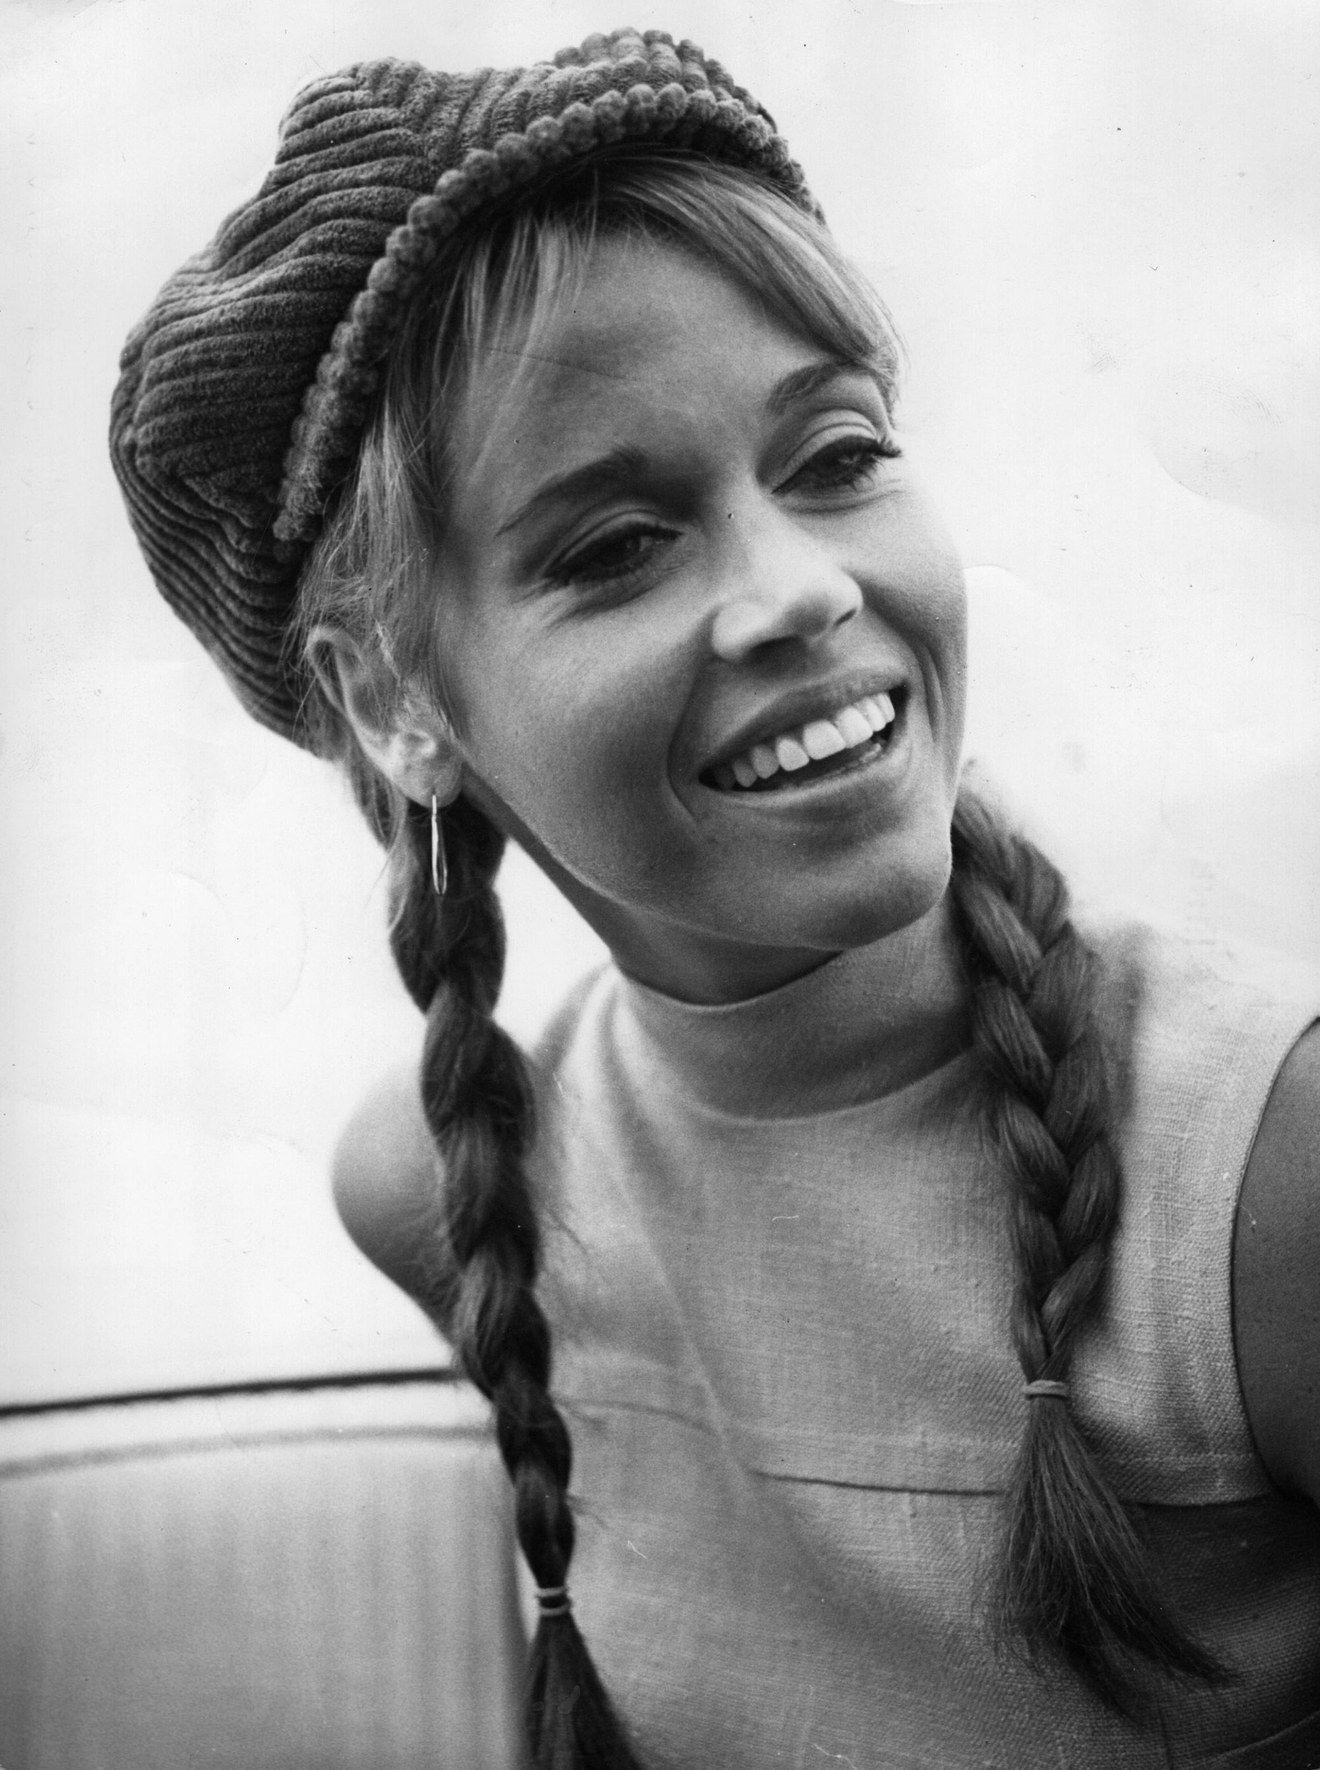 #TBT: Jane Fonda's 10 Best Knockout Beauty Moments #hollywoodstars